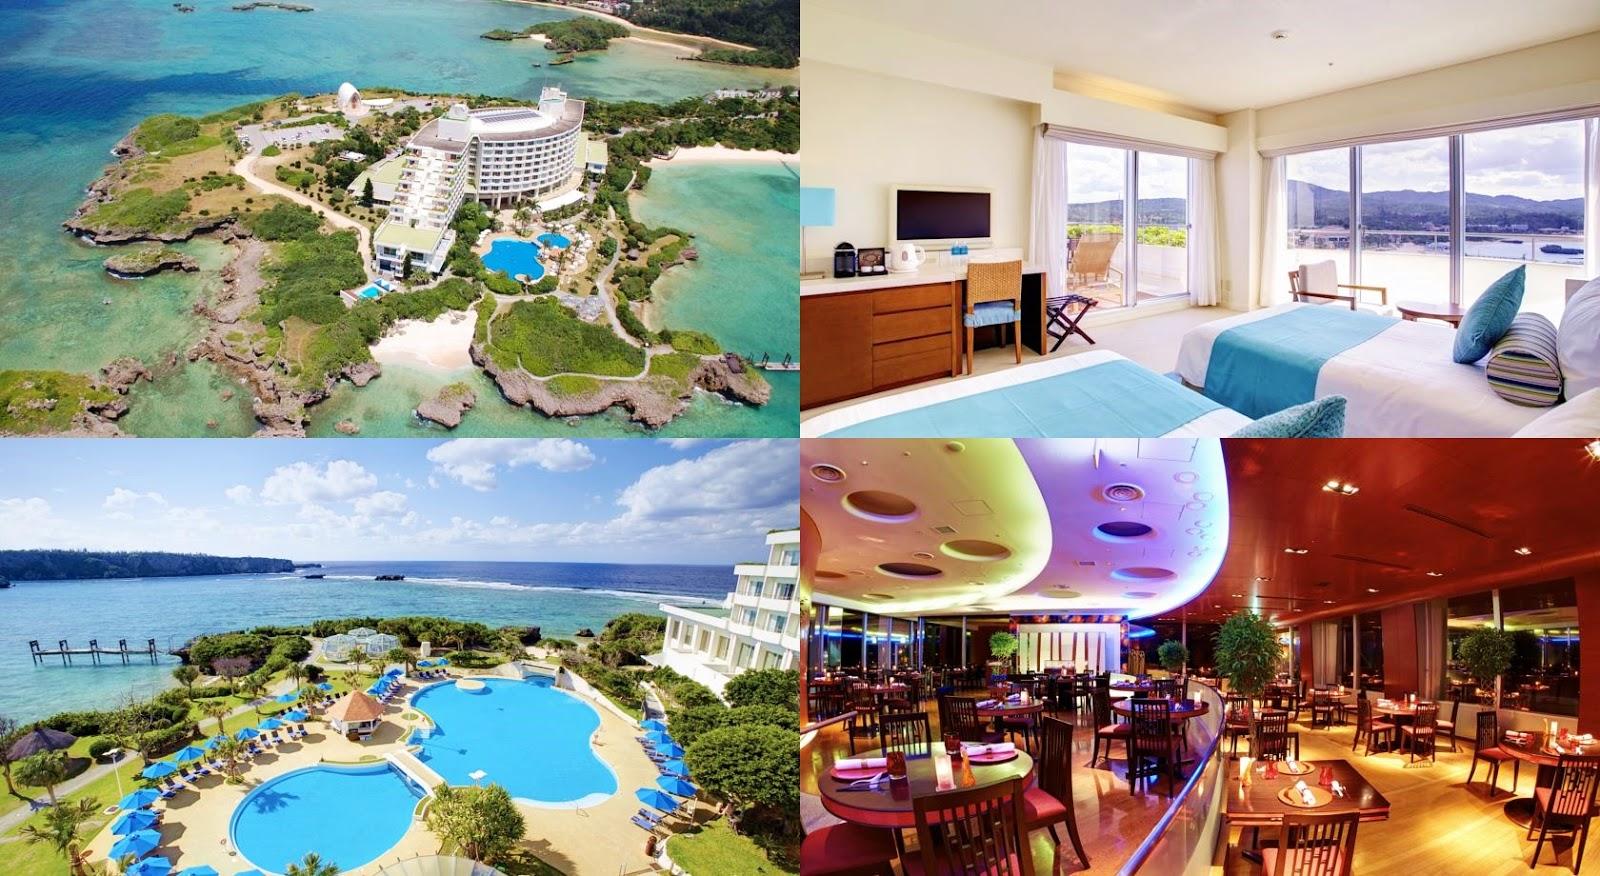 沖繩-住宿-推薦-ANA萬座海濱洲際酒店-ANA-InterContinental-Manza-Beach-Resort-Okinawa-hotel-recommendation